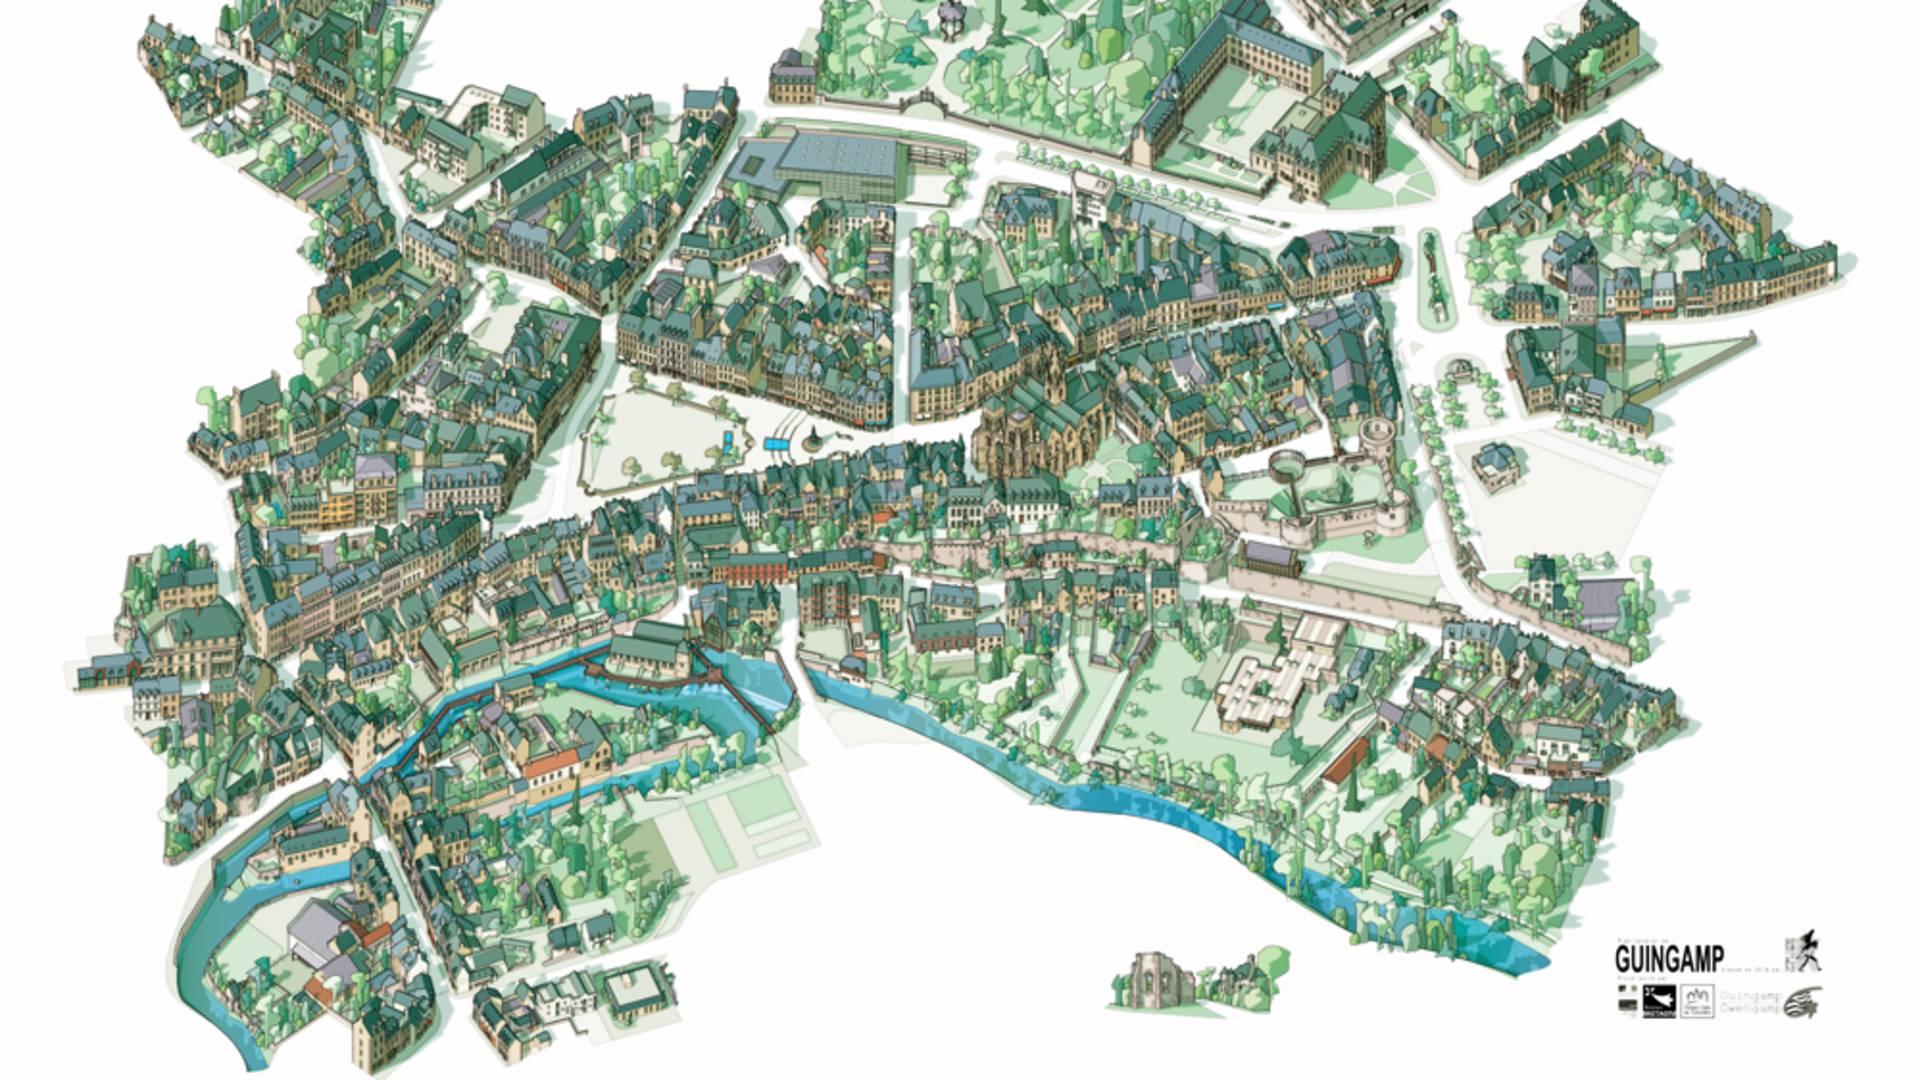 Plan cavalier de la ville © Ville de Guingamp